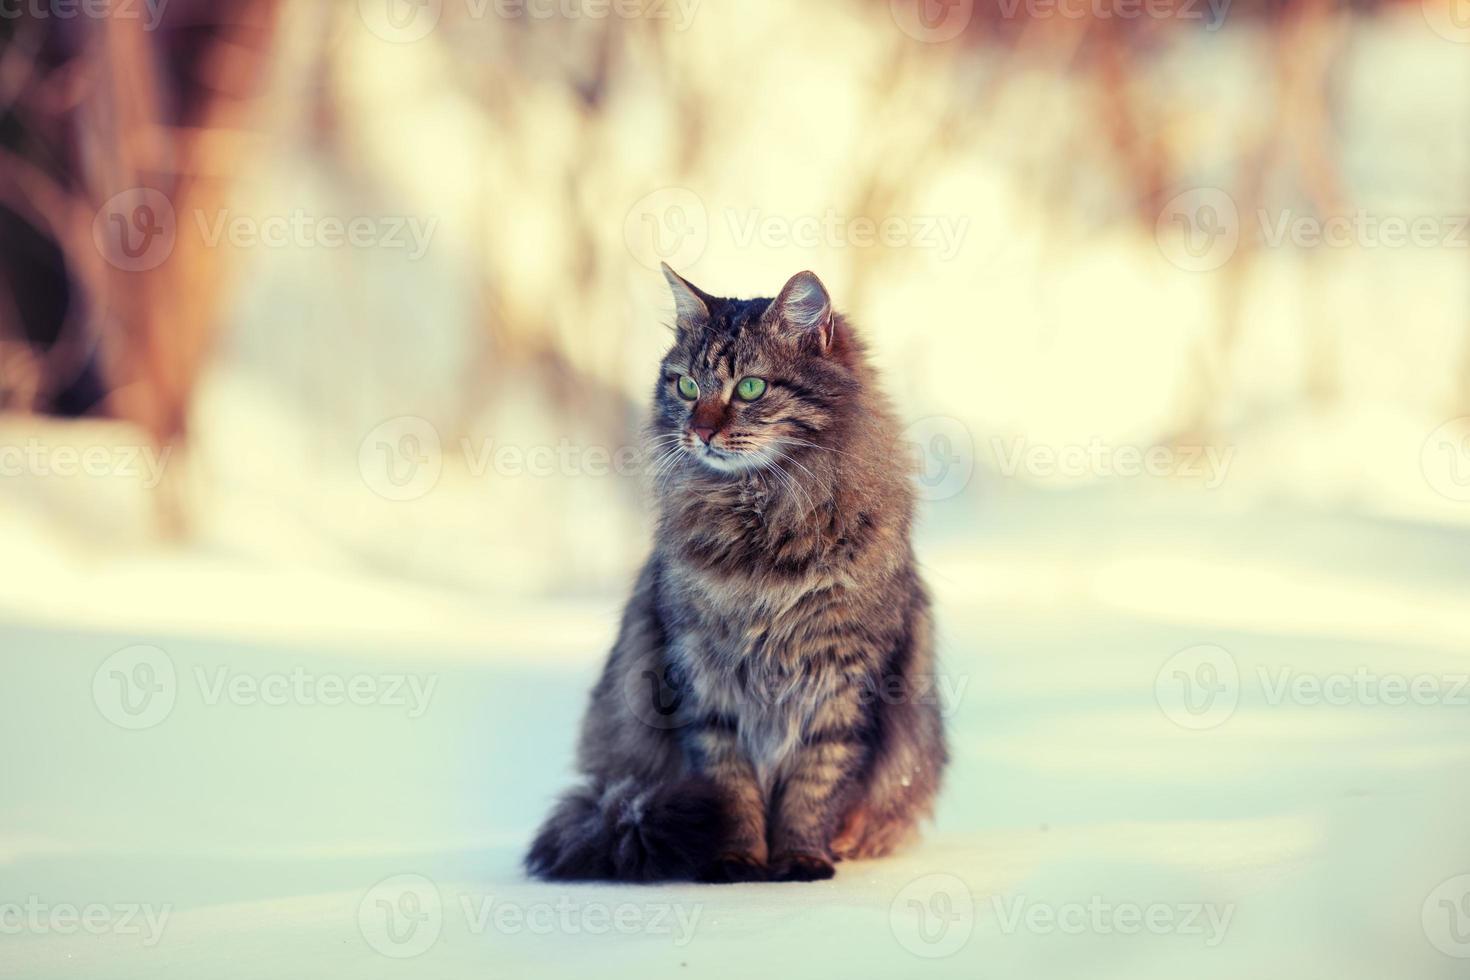 gato siberiano bonito relaxante ao ar livre na neve foto